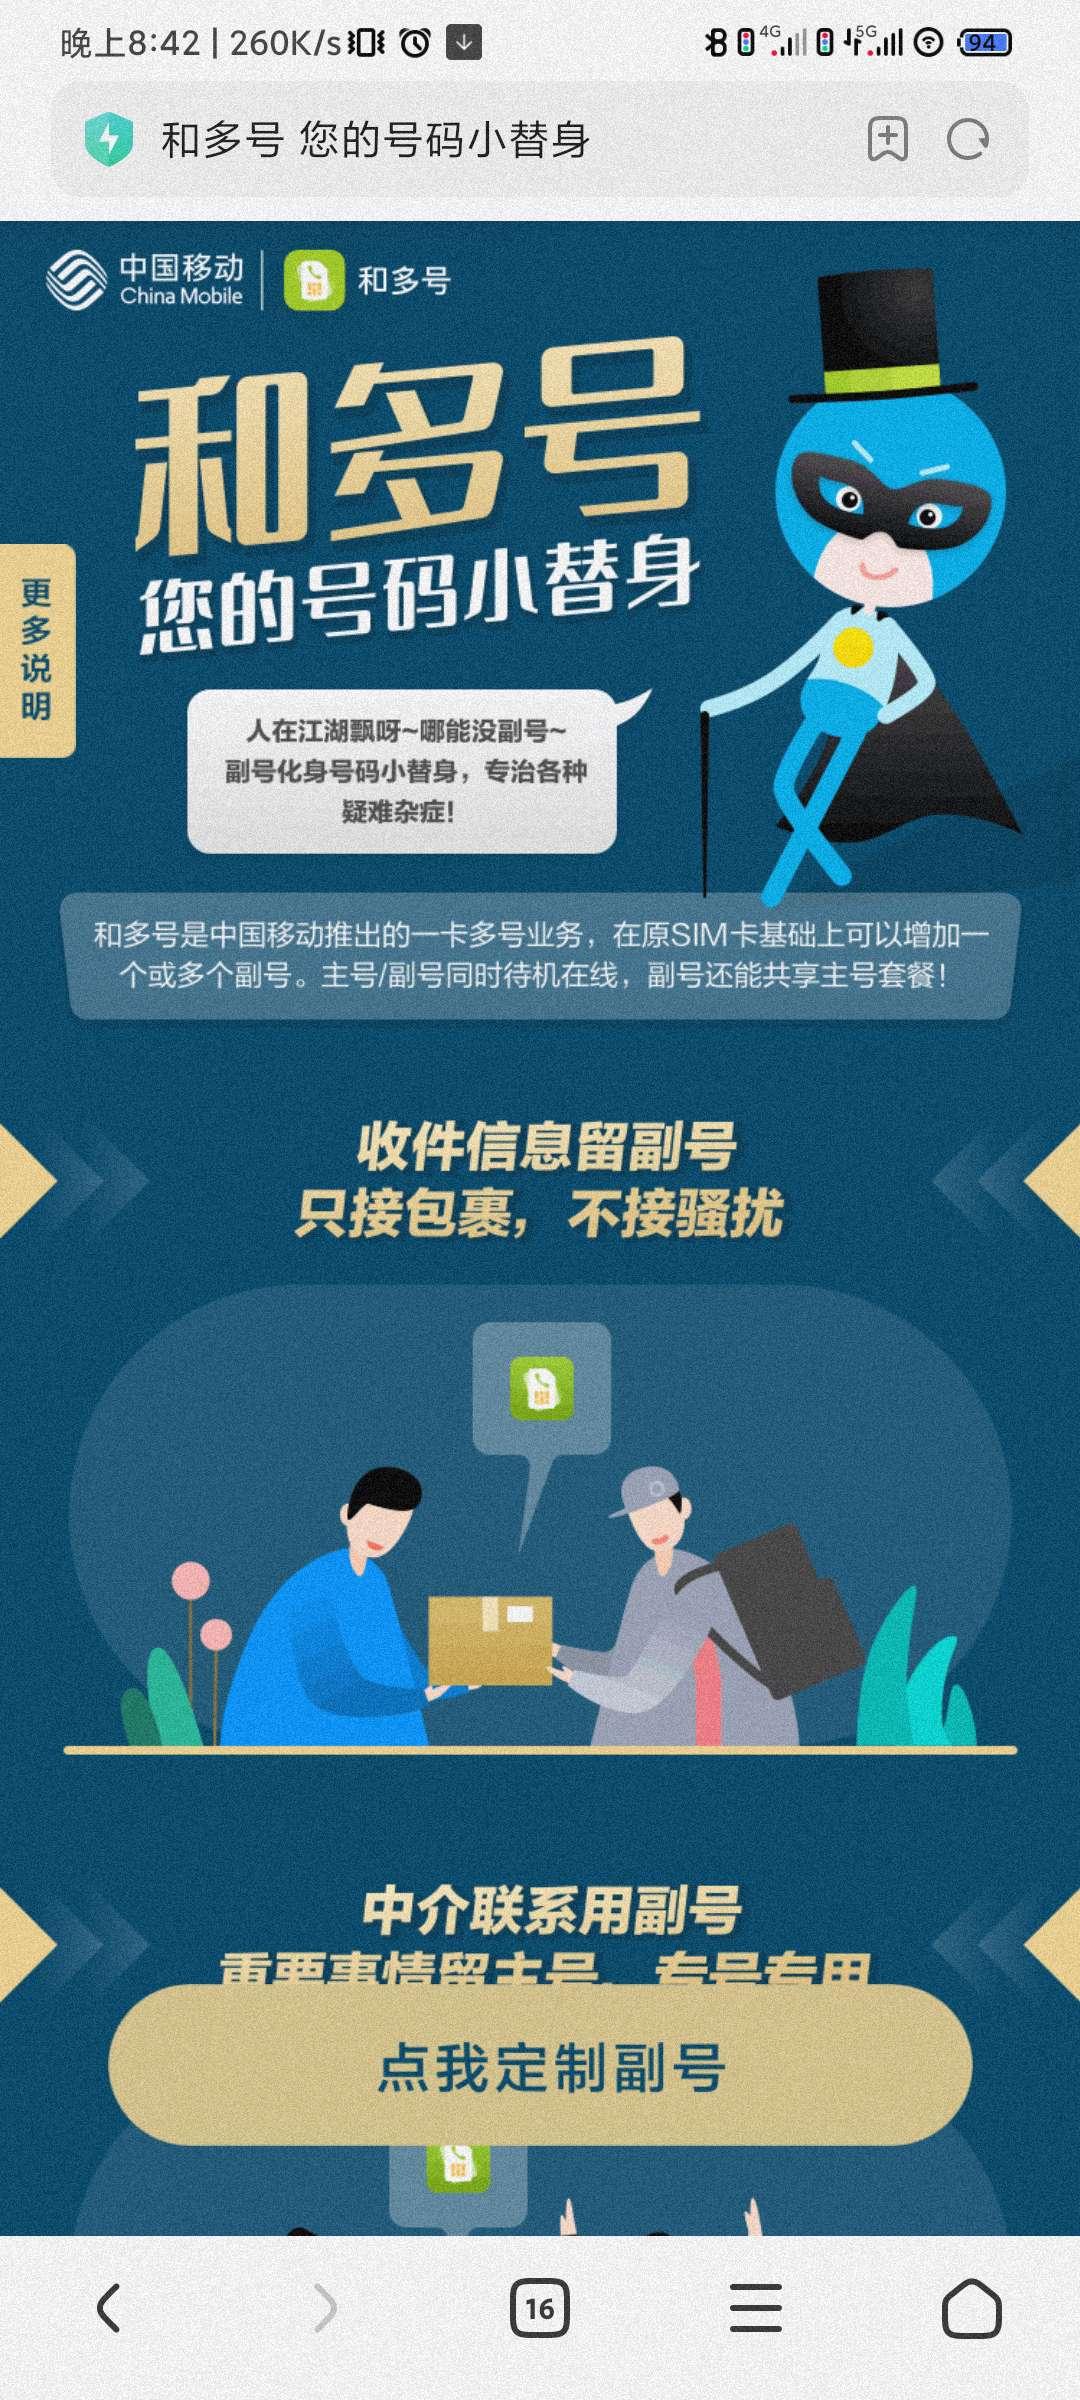 中国移动领2个月和多号副号体验权益